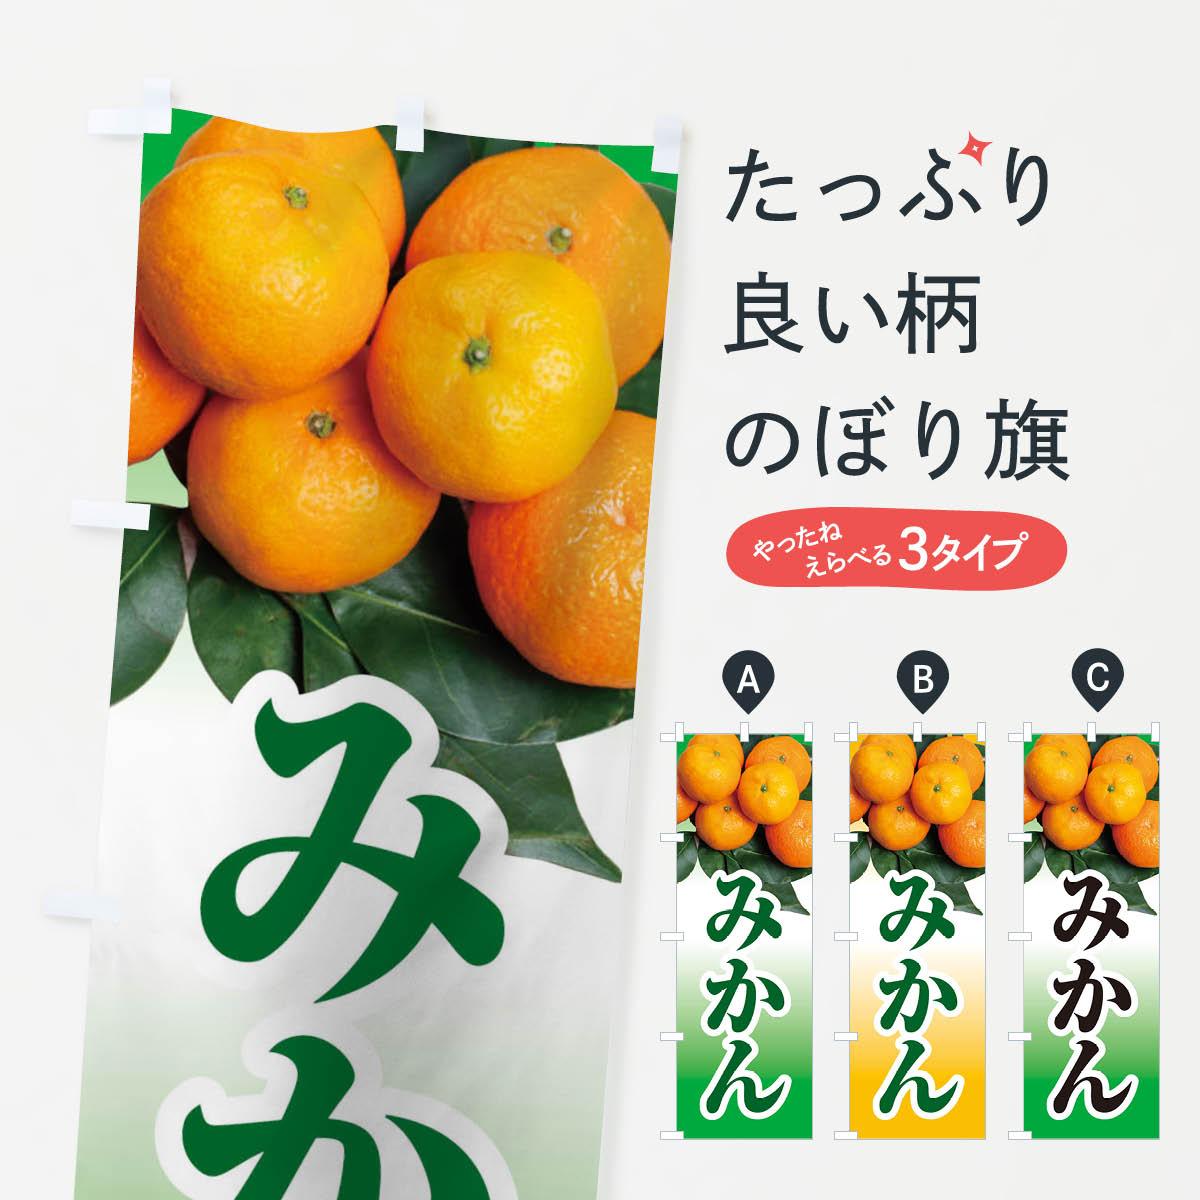 のぼり 横幕 みかん 低価格に対して高品質とデザイン性で選ばれてます 各サイズや仕様にも対応 在庫一掃売り切りセール 送料0円 ネコポス送料360 1G6R のぼり旗 柑橘類 ミカン みかんのぼり